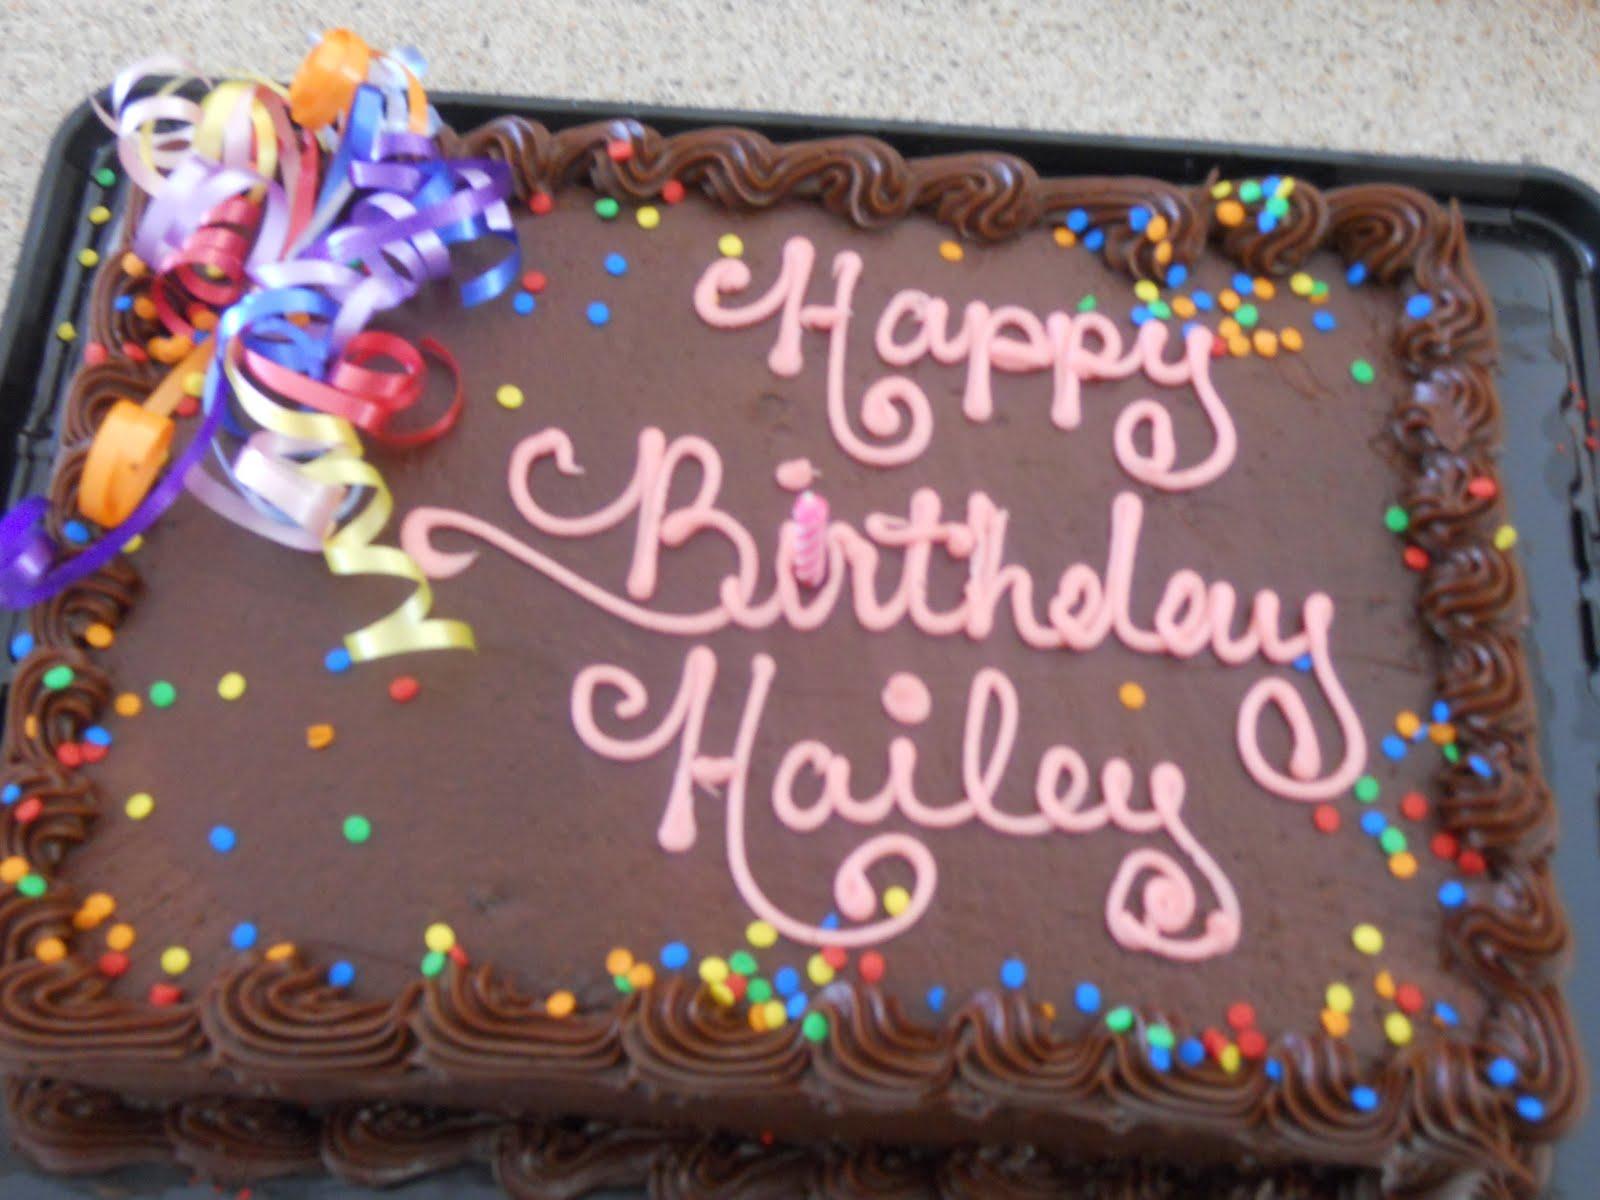 Rothiemay Farm Happy Birthday Hailey